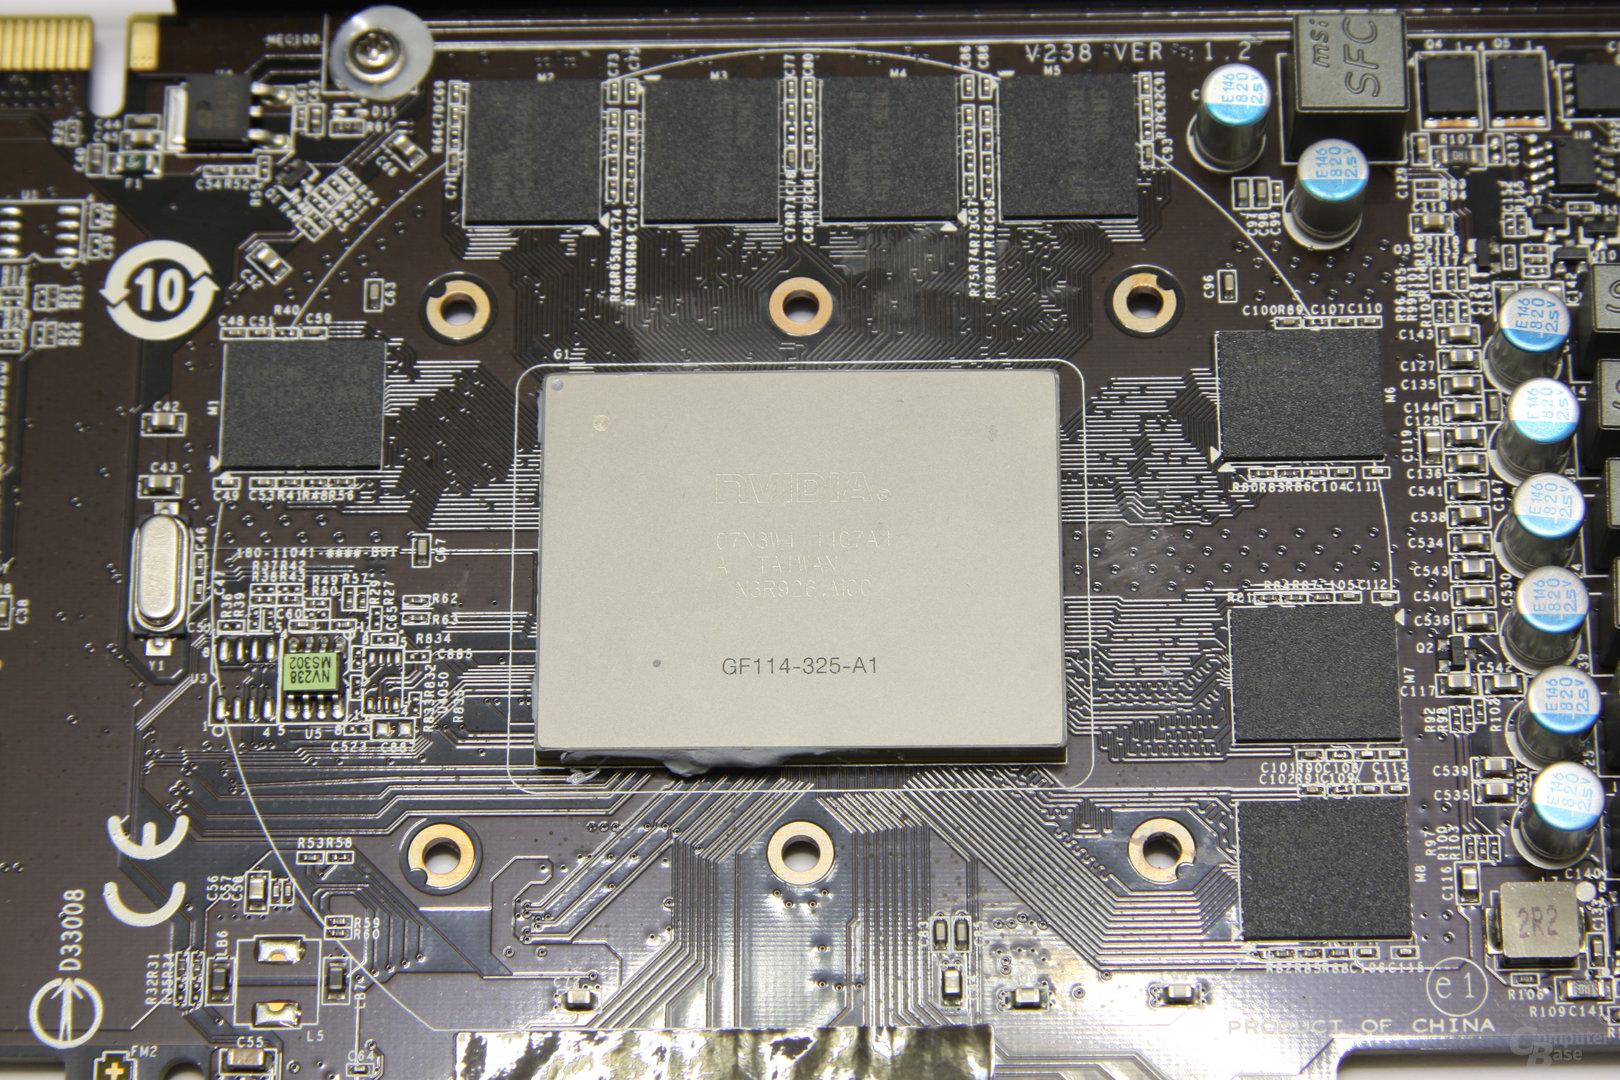 GeForce GTX 560 Twin Frozr II OC GPU und Speicher